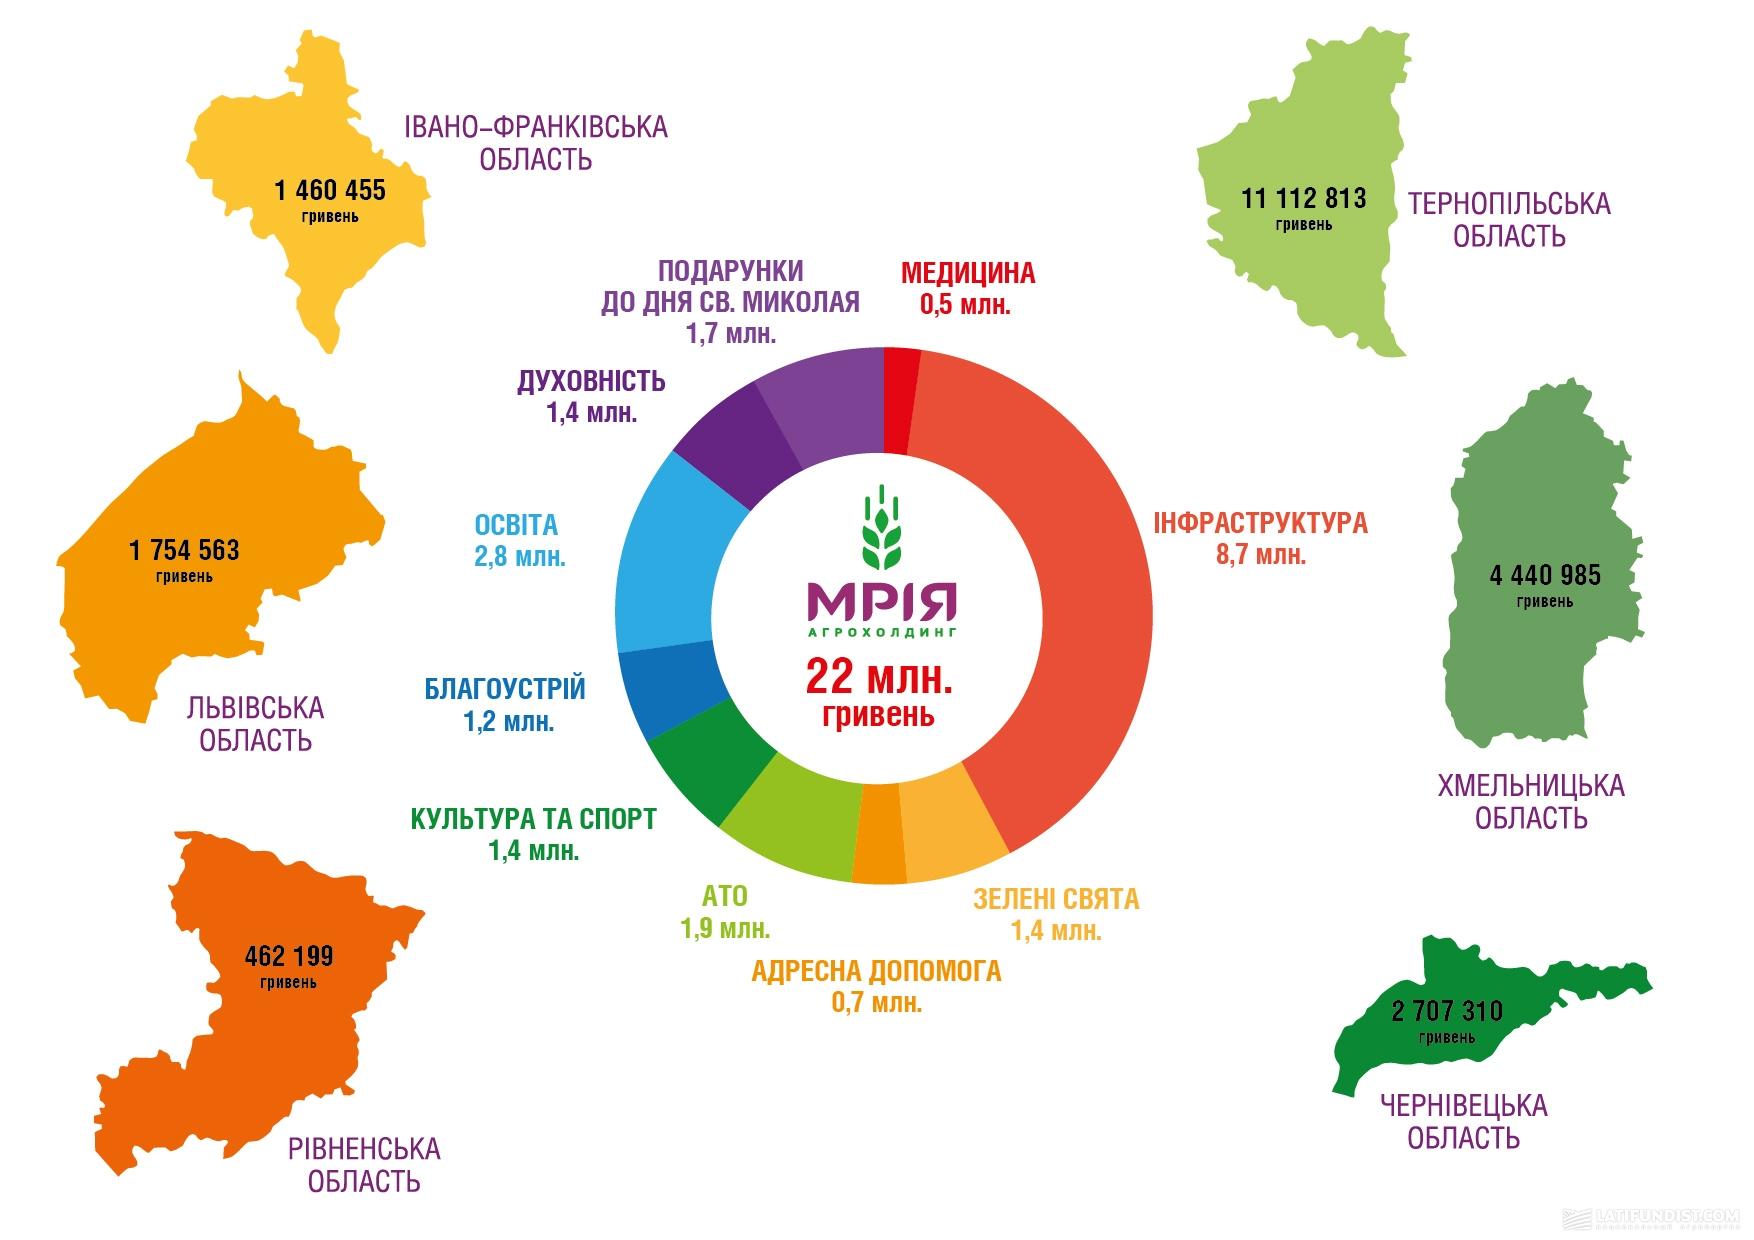 Инфографика Социальная ответственность Мрии